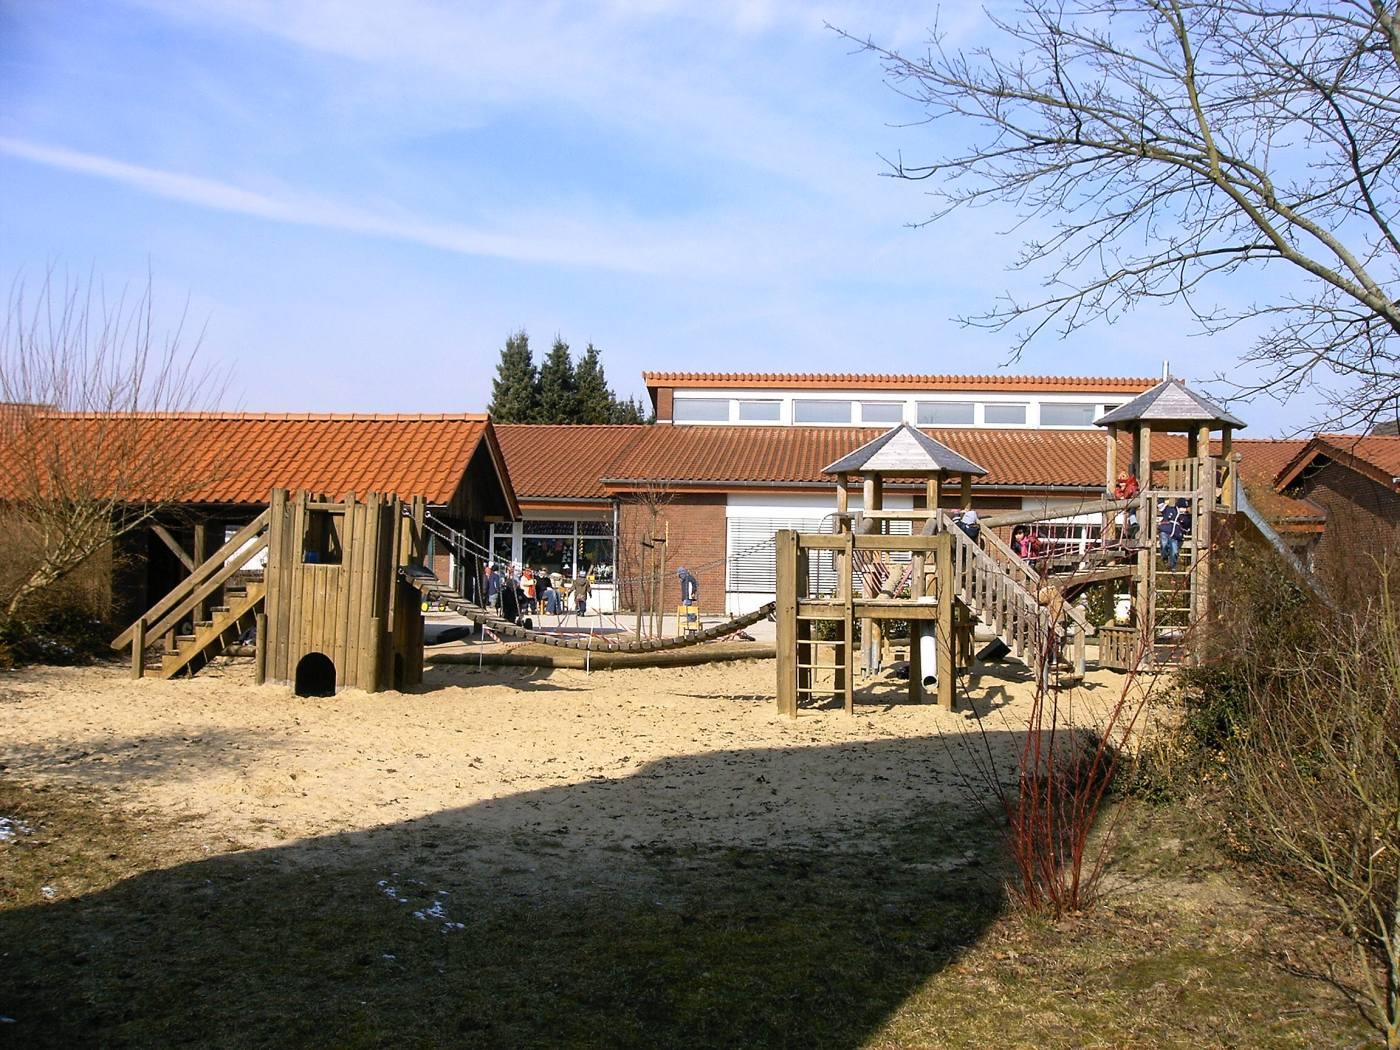 Ansicht des Kindergartens St. Franziskus